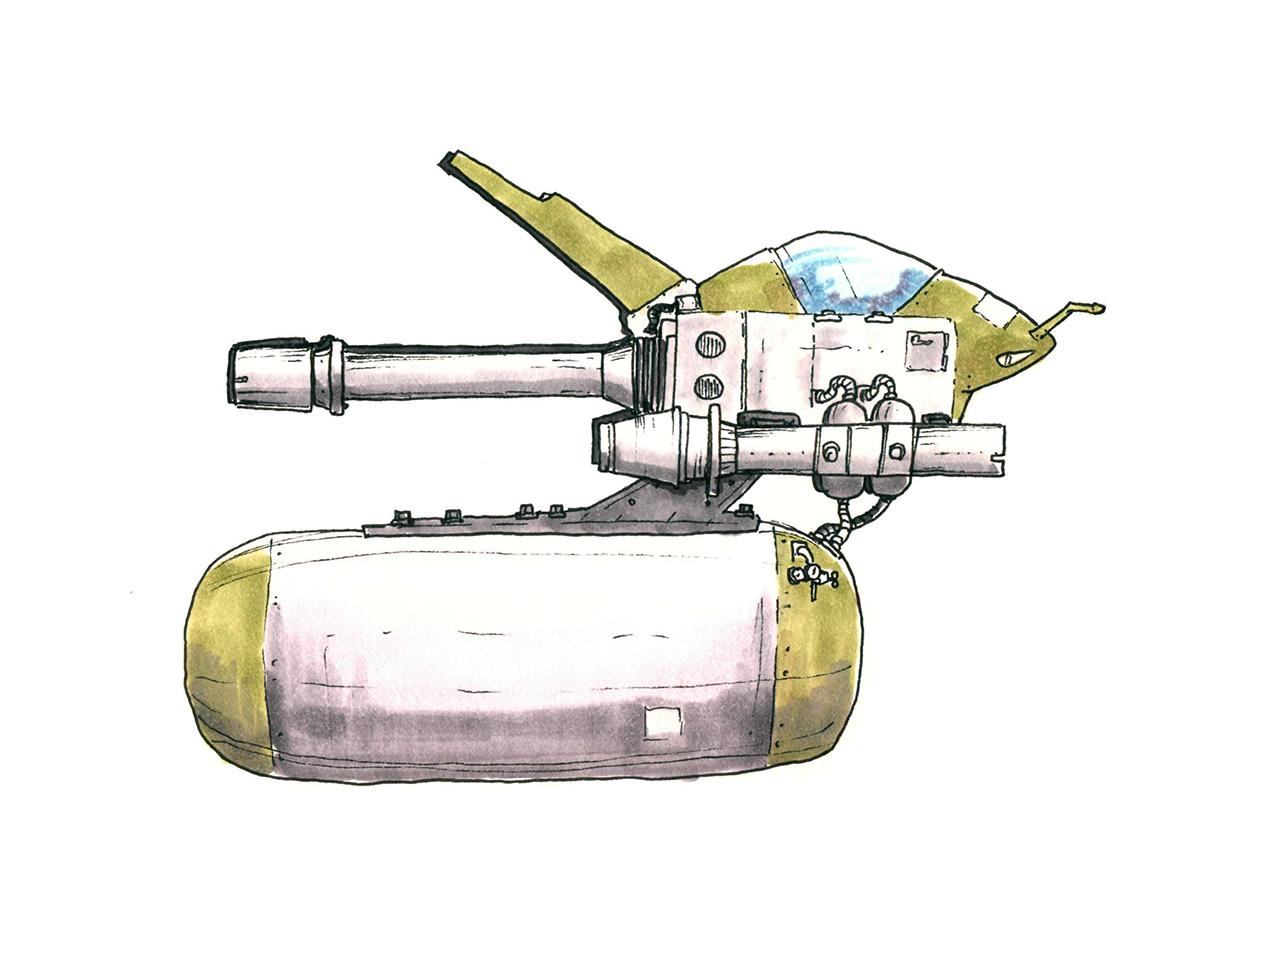 spaceship_11_25_2017_web_image.png